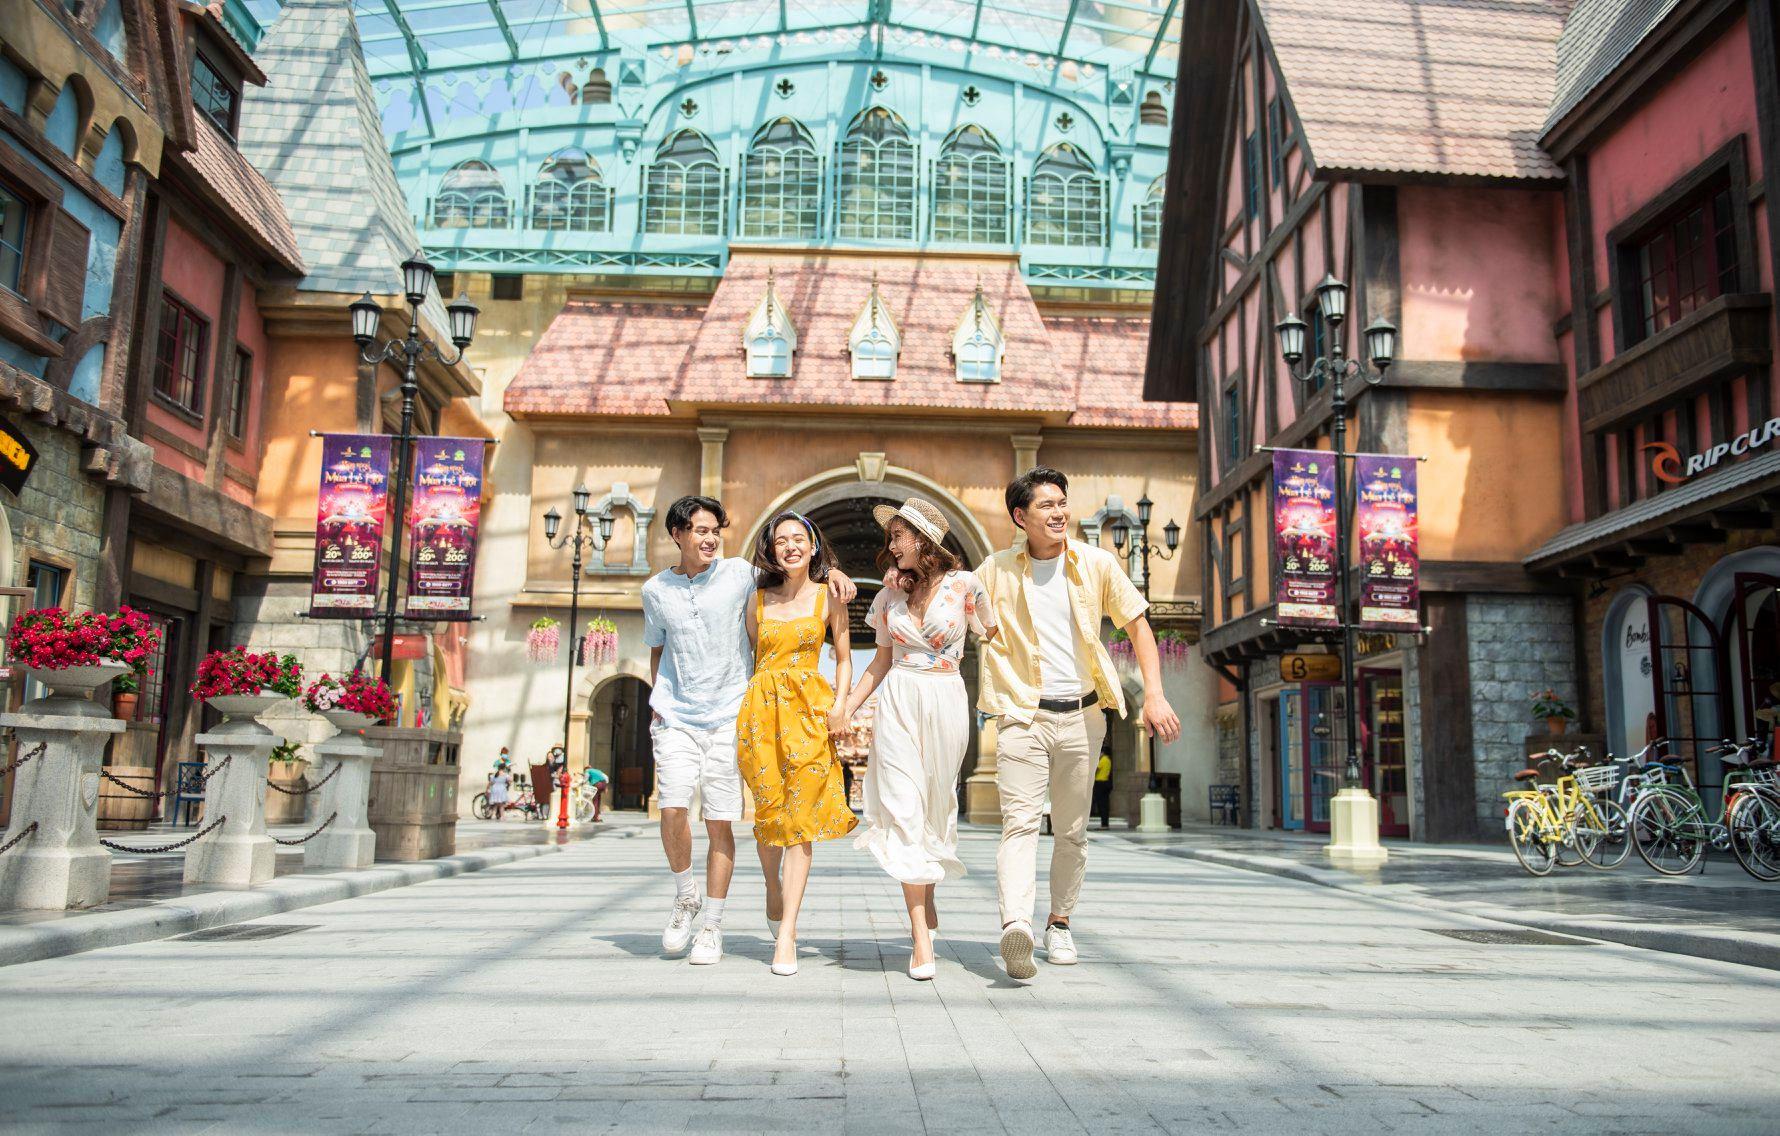 """Mở cửa du lịch: Kỳ vọng vào """"thẻ xanh"""" từ thí điểm đón khách quốc tế đến Phú Quốc - Ảnh 1."""